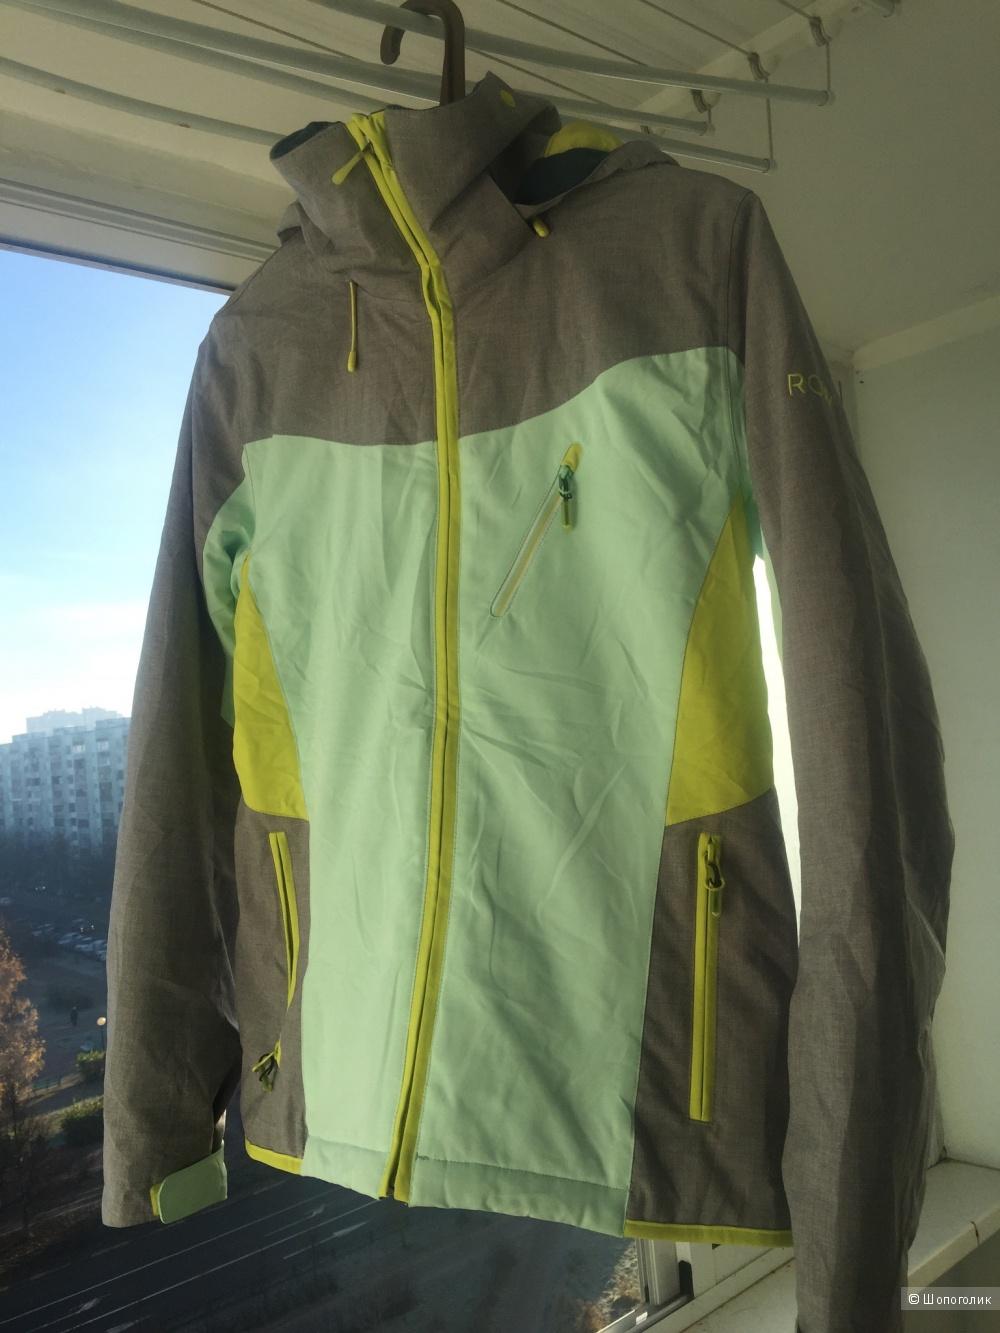 8ea608a5510f Сноубордическая куртка ROXY, размер S, в магазине Другой магазин ...